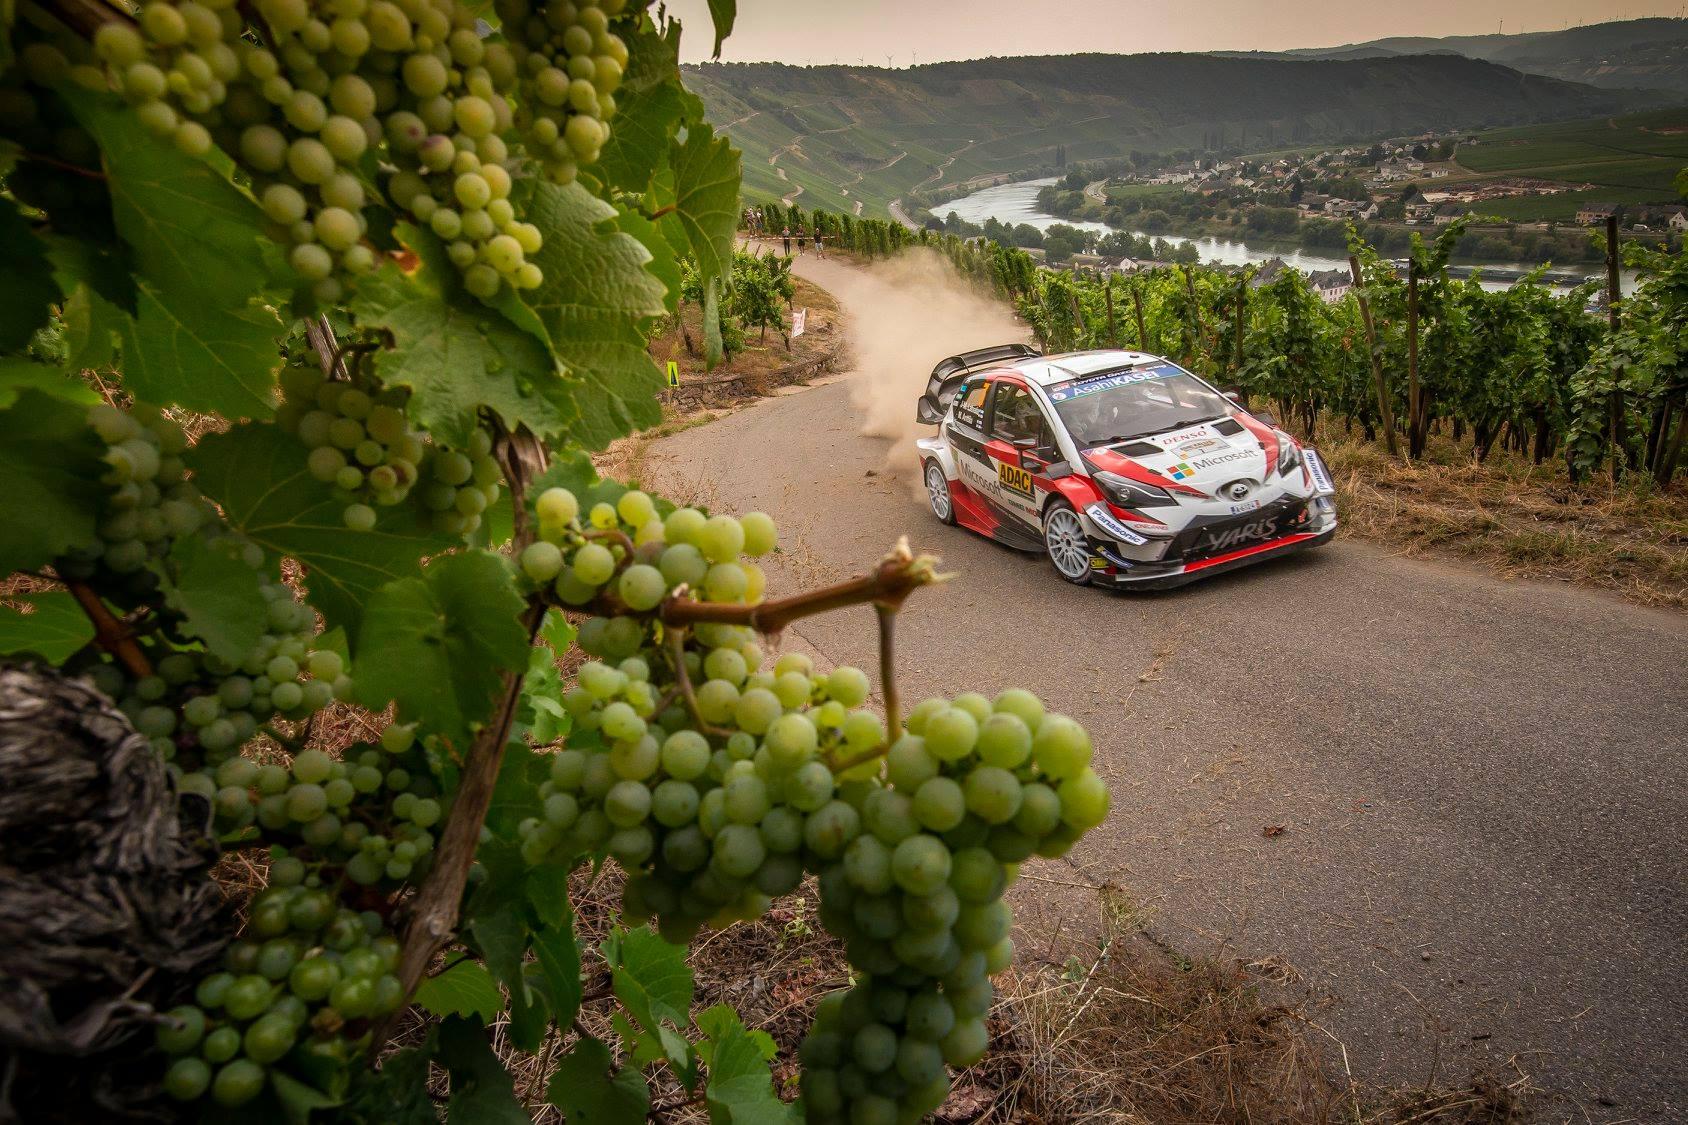 WRC RALLYE  D'ALLEMAGNE (ASPHALTE) du 16 au 19 août 2018 - Page 2 Tanak-Allemagne-2018-7